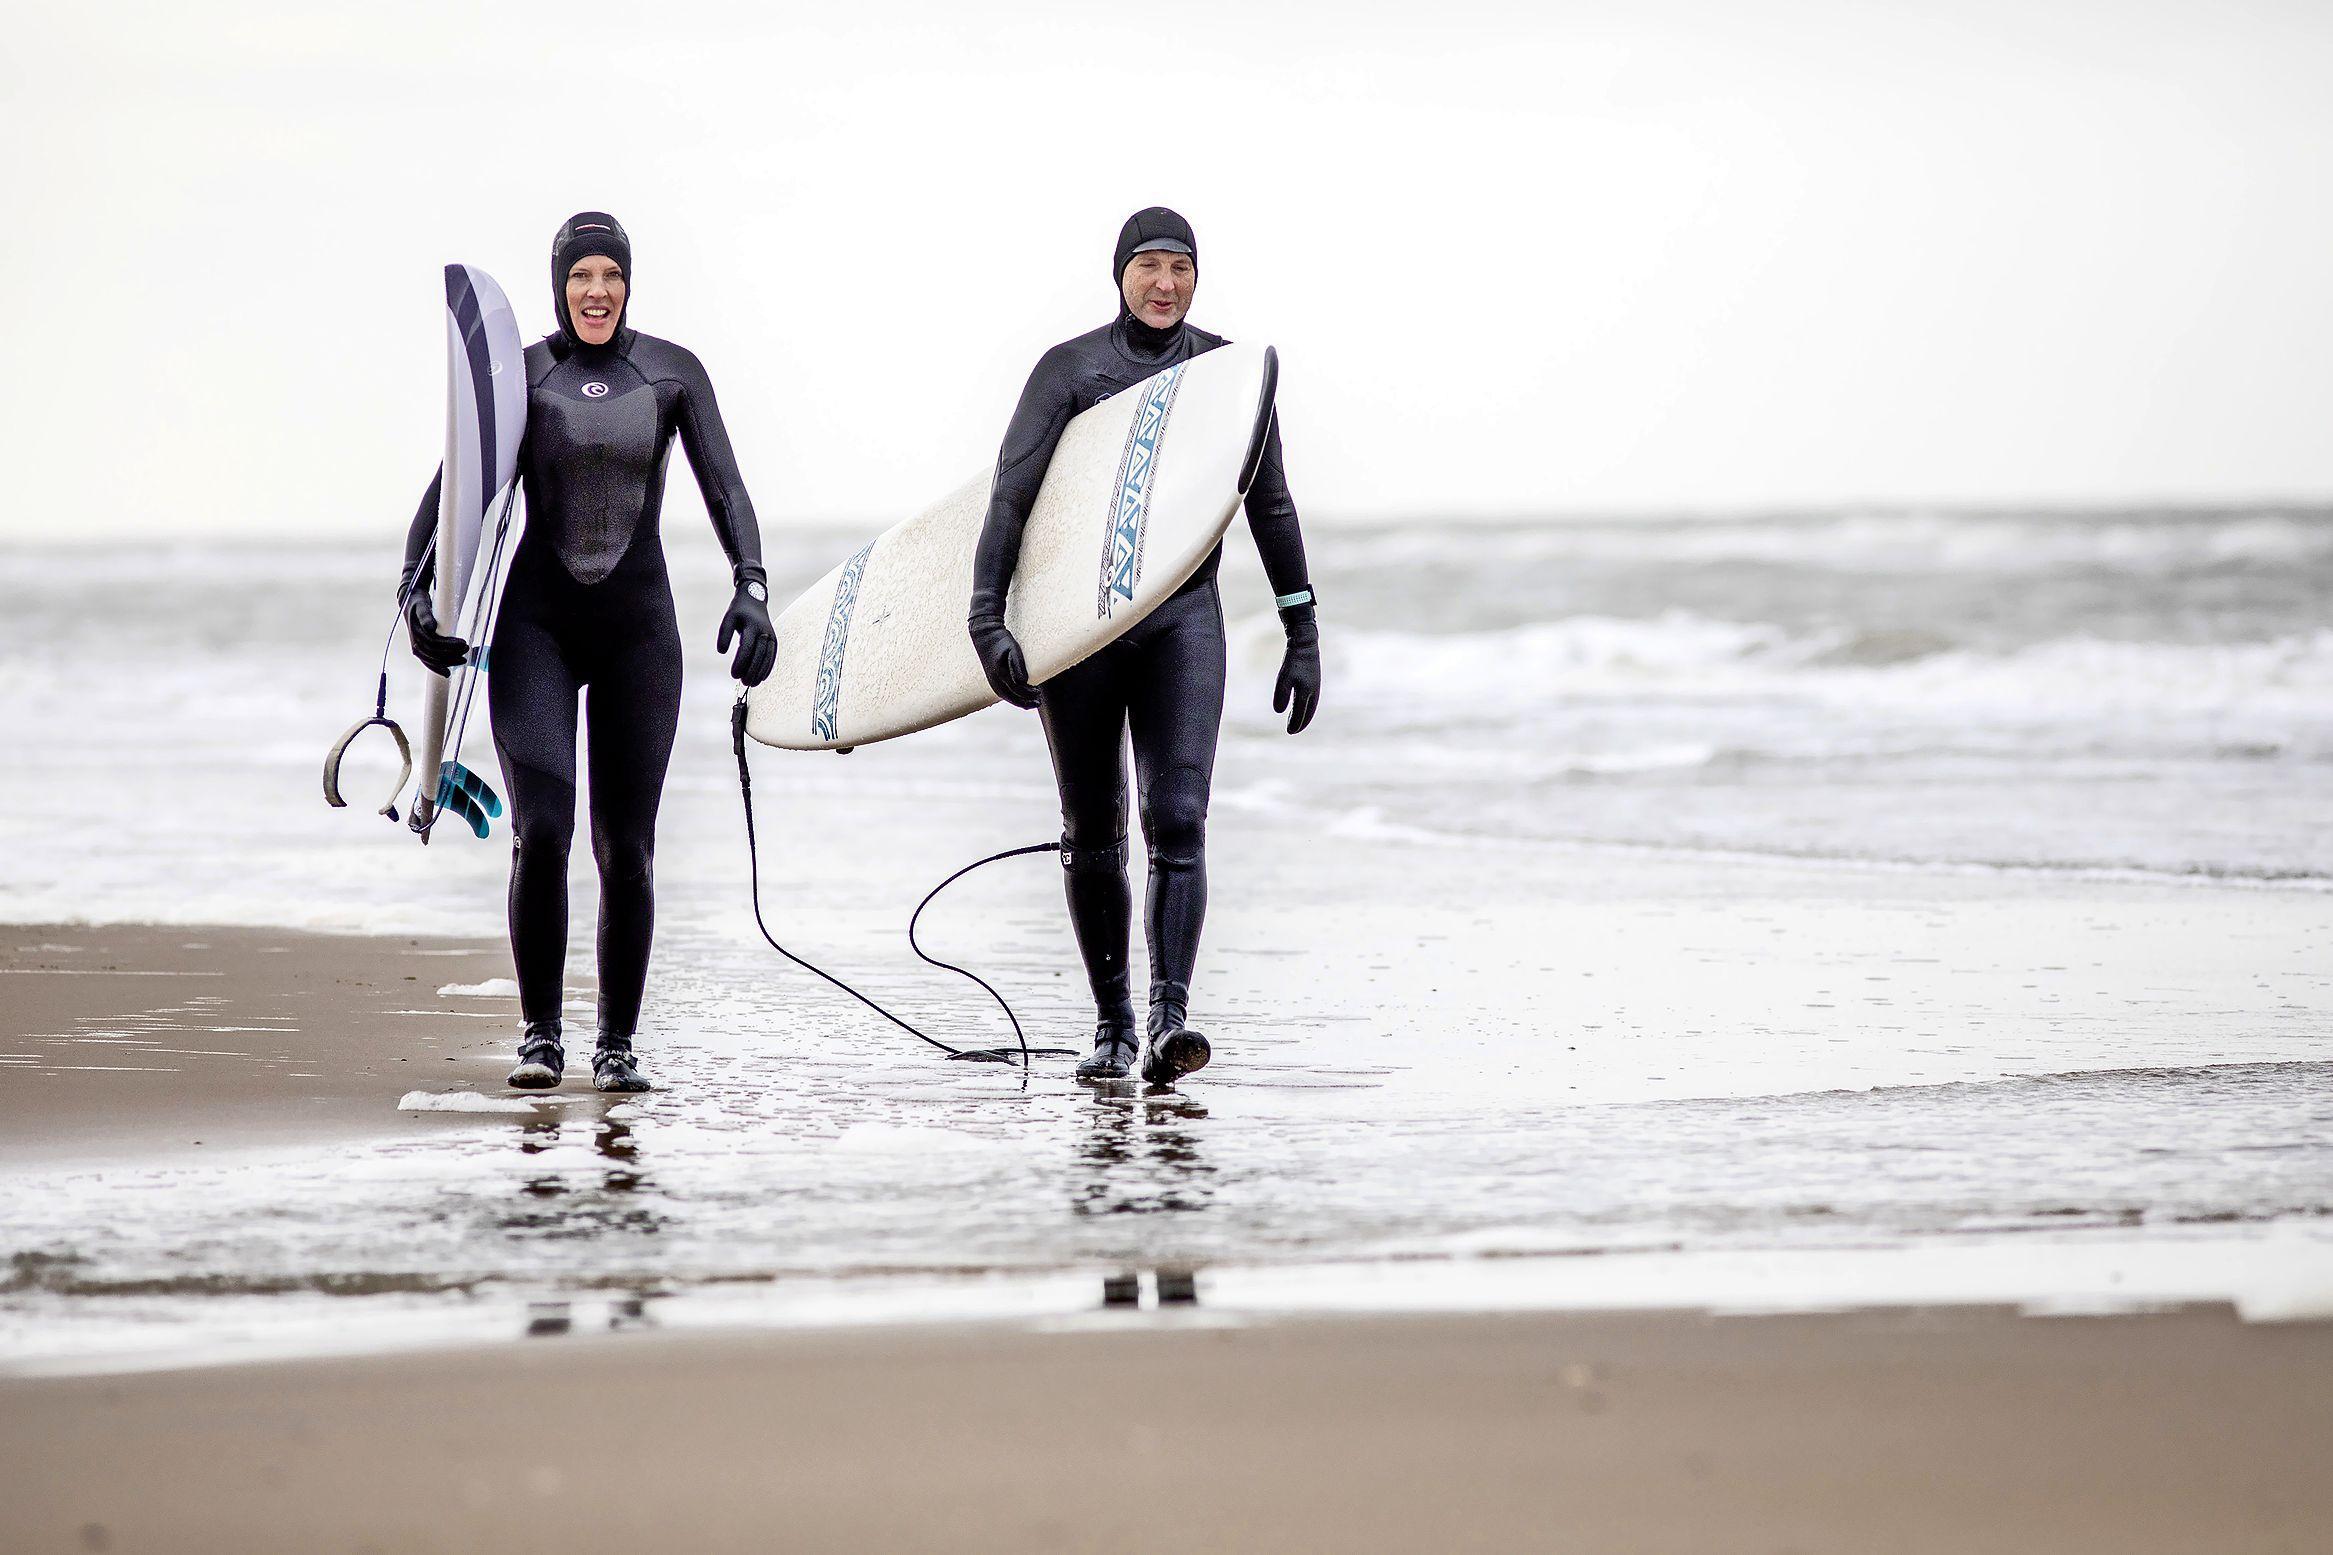 Golfsurfen in de koude Noordzee: 'Het is net vakantie, maar dan lekker dichtbij huis'